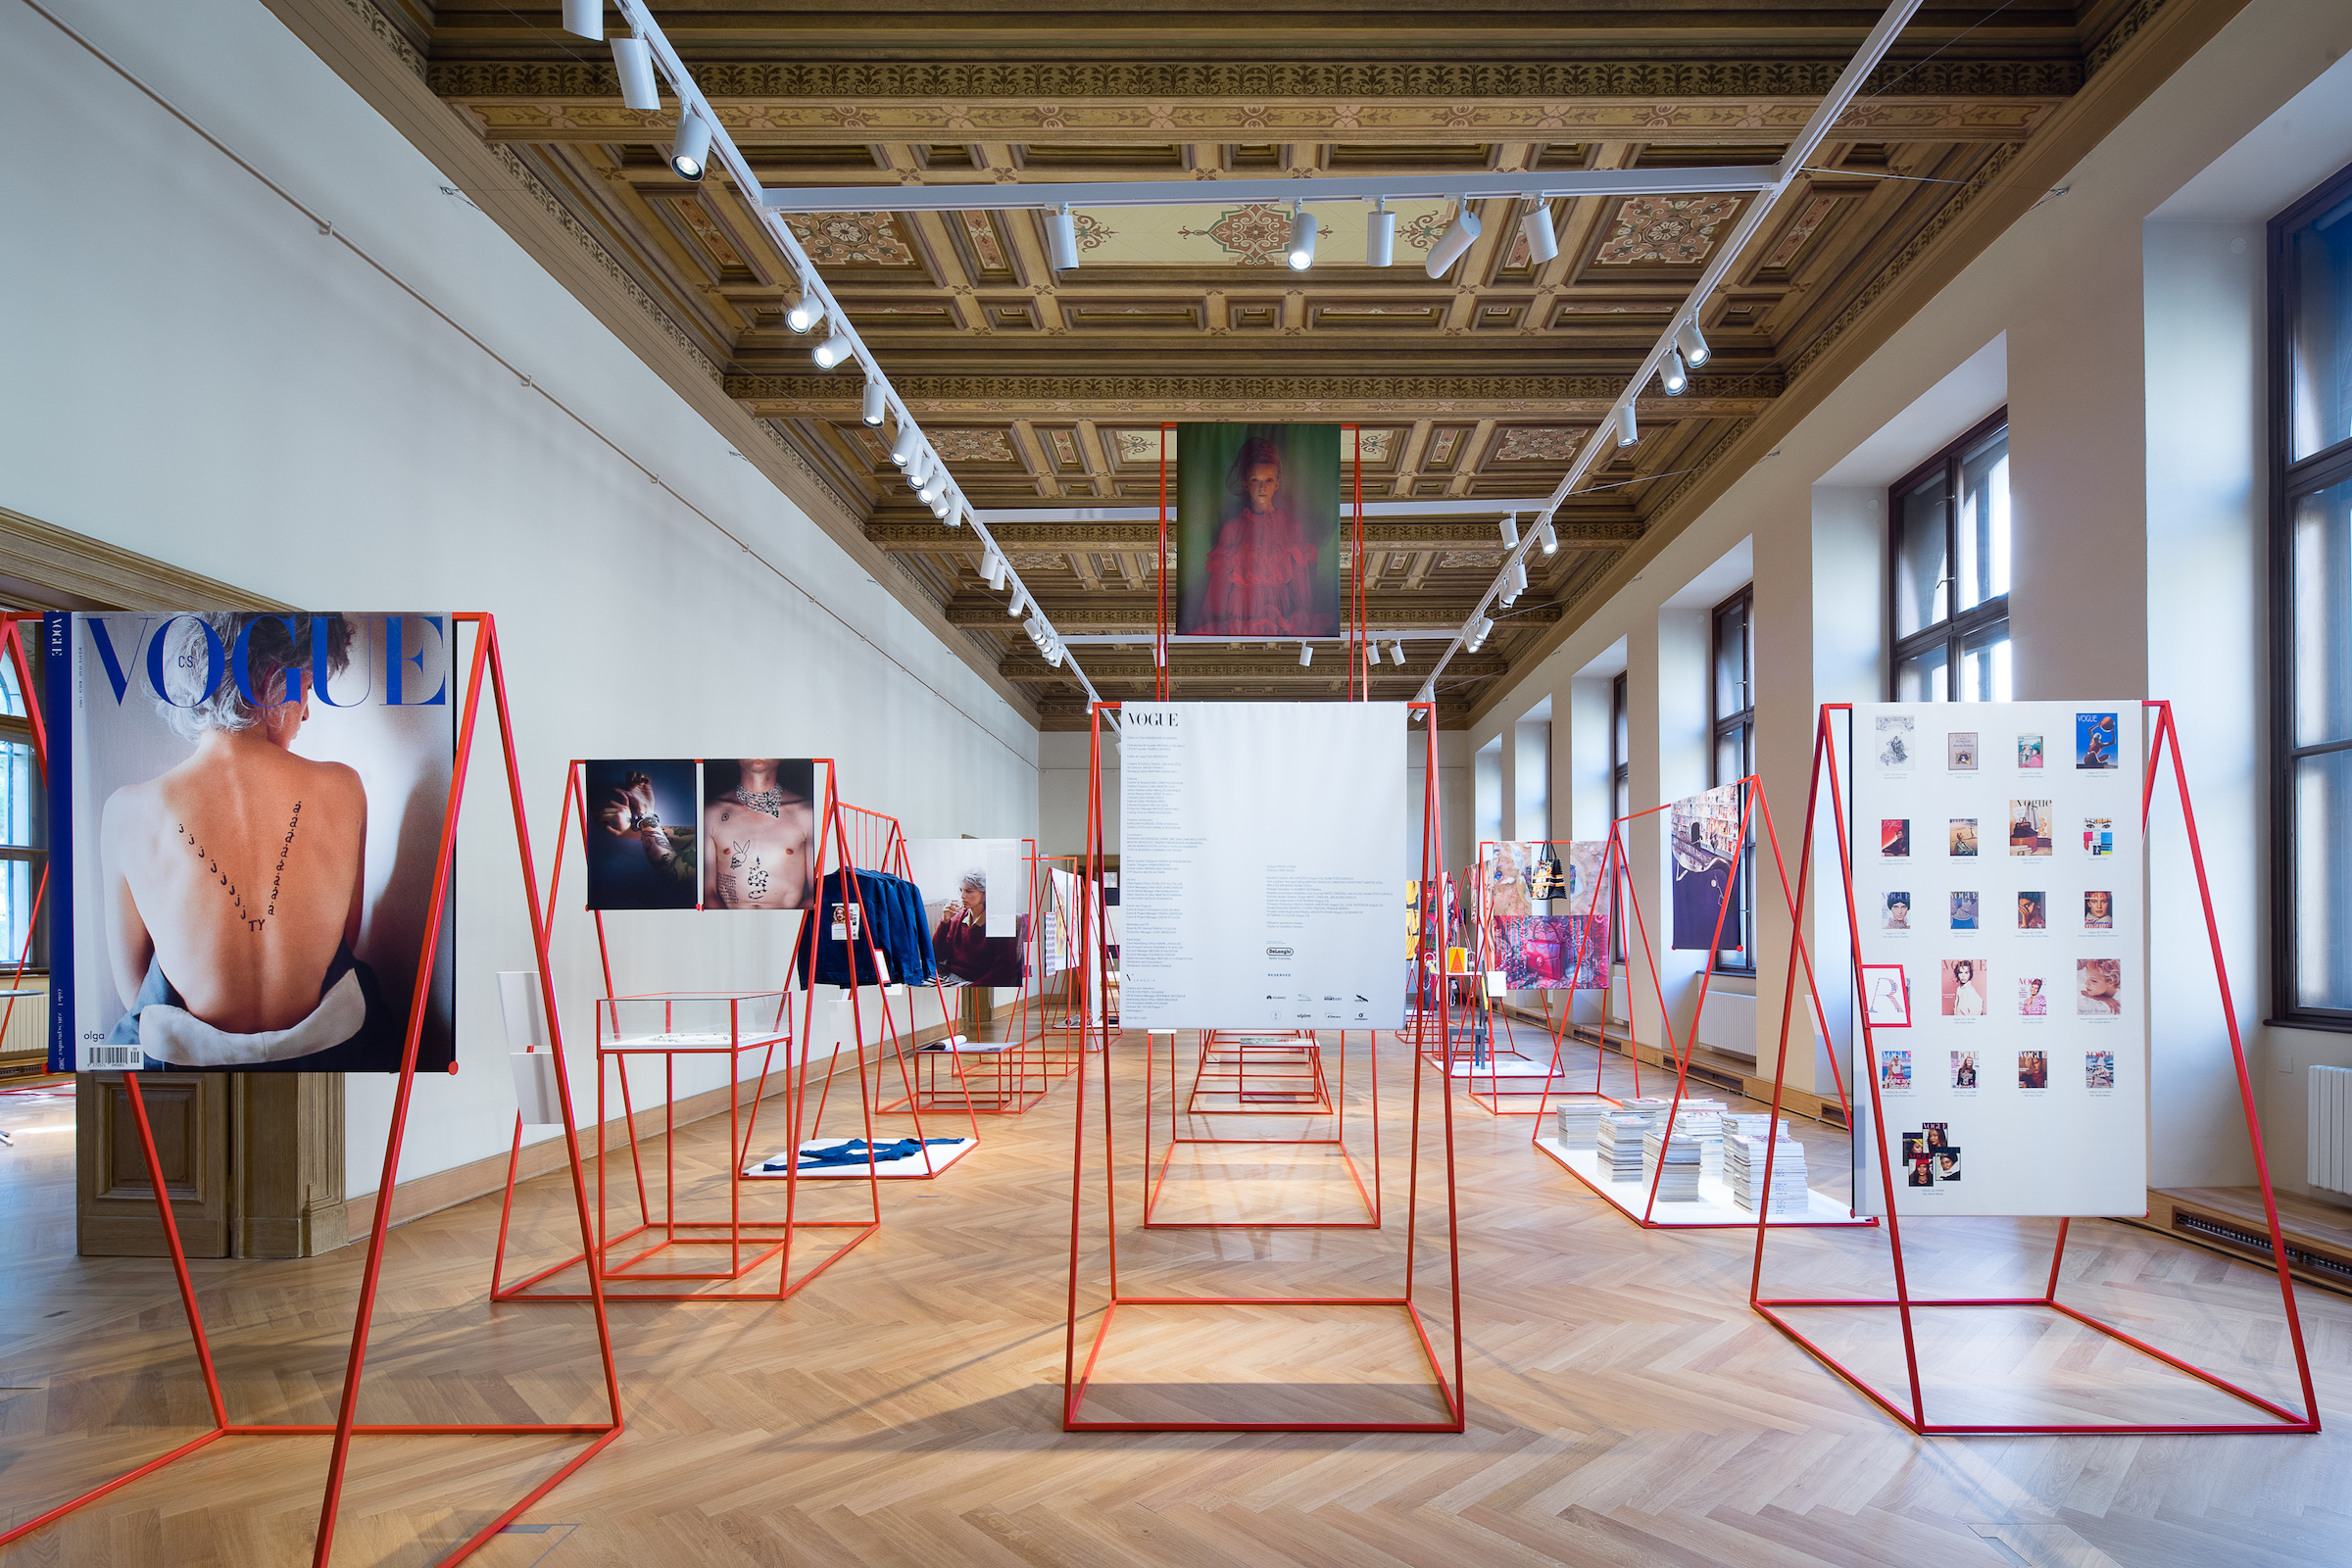 Uvedení místní edice Vogue proběhlo v Umělecko-průmyslovém muzeu v Praze, kde je k tomu i výstava